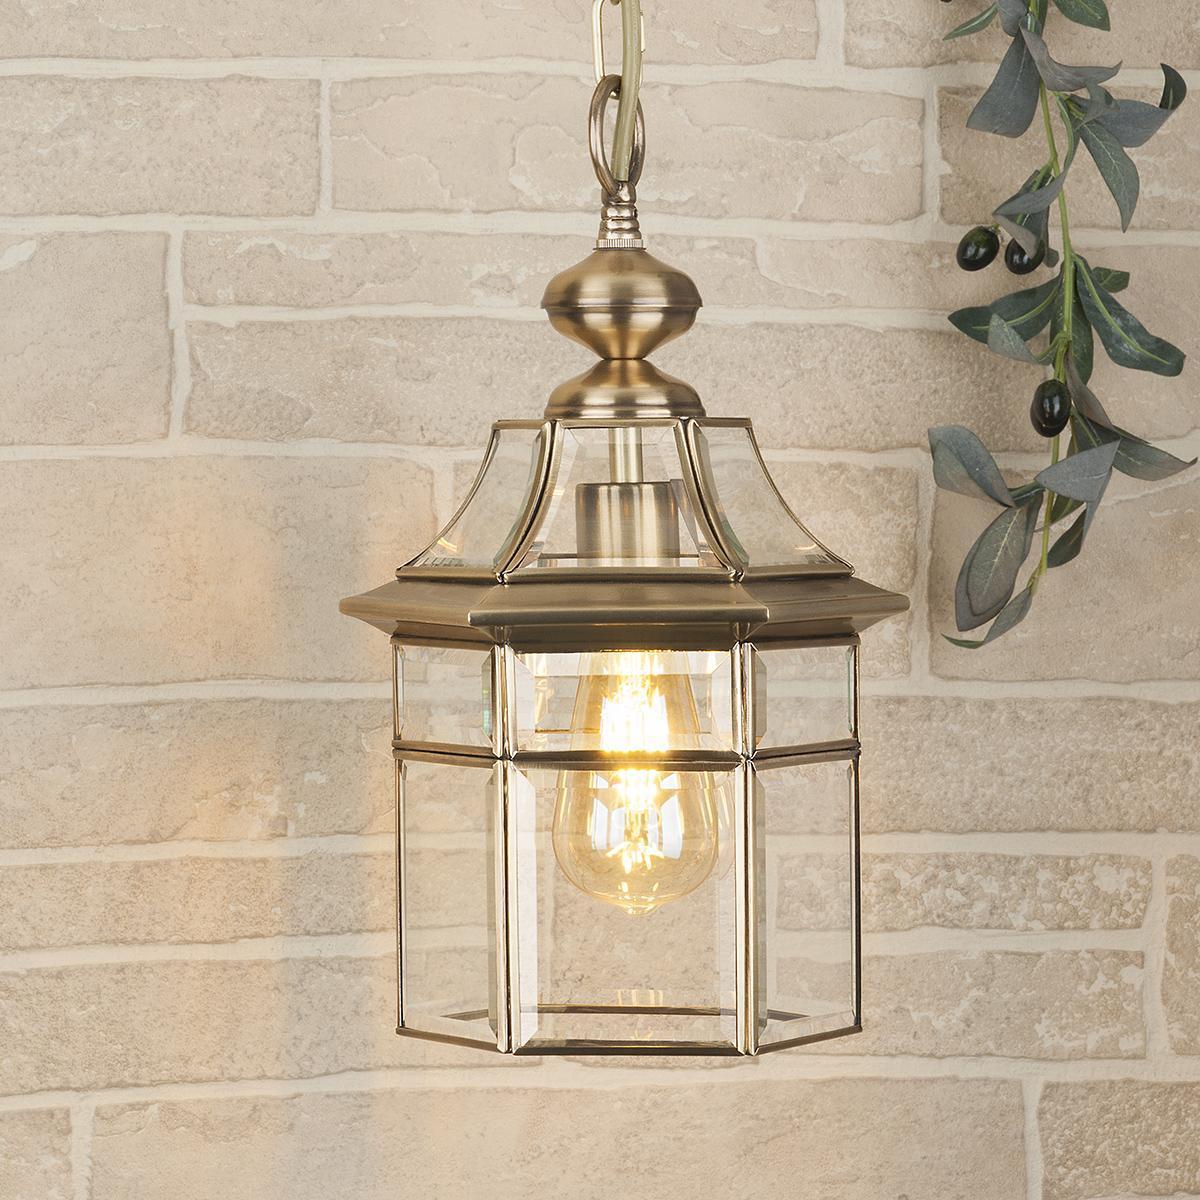 Уличный подвесной светильник Elektrostandard 1031 Savoie H медь 4690389099168 уличный подвесной светильник sagitta h 4690389064807 elektrostandard 1168528